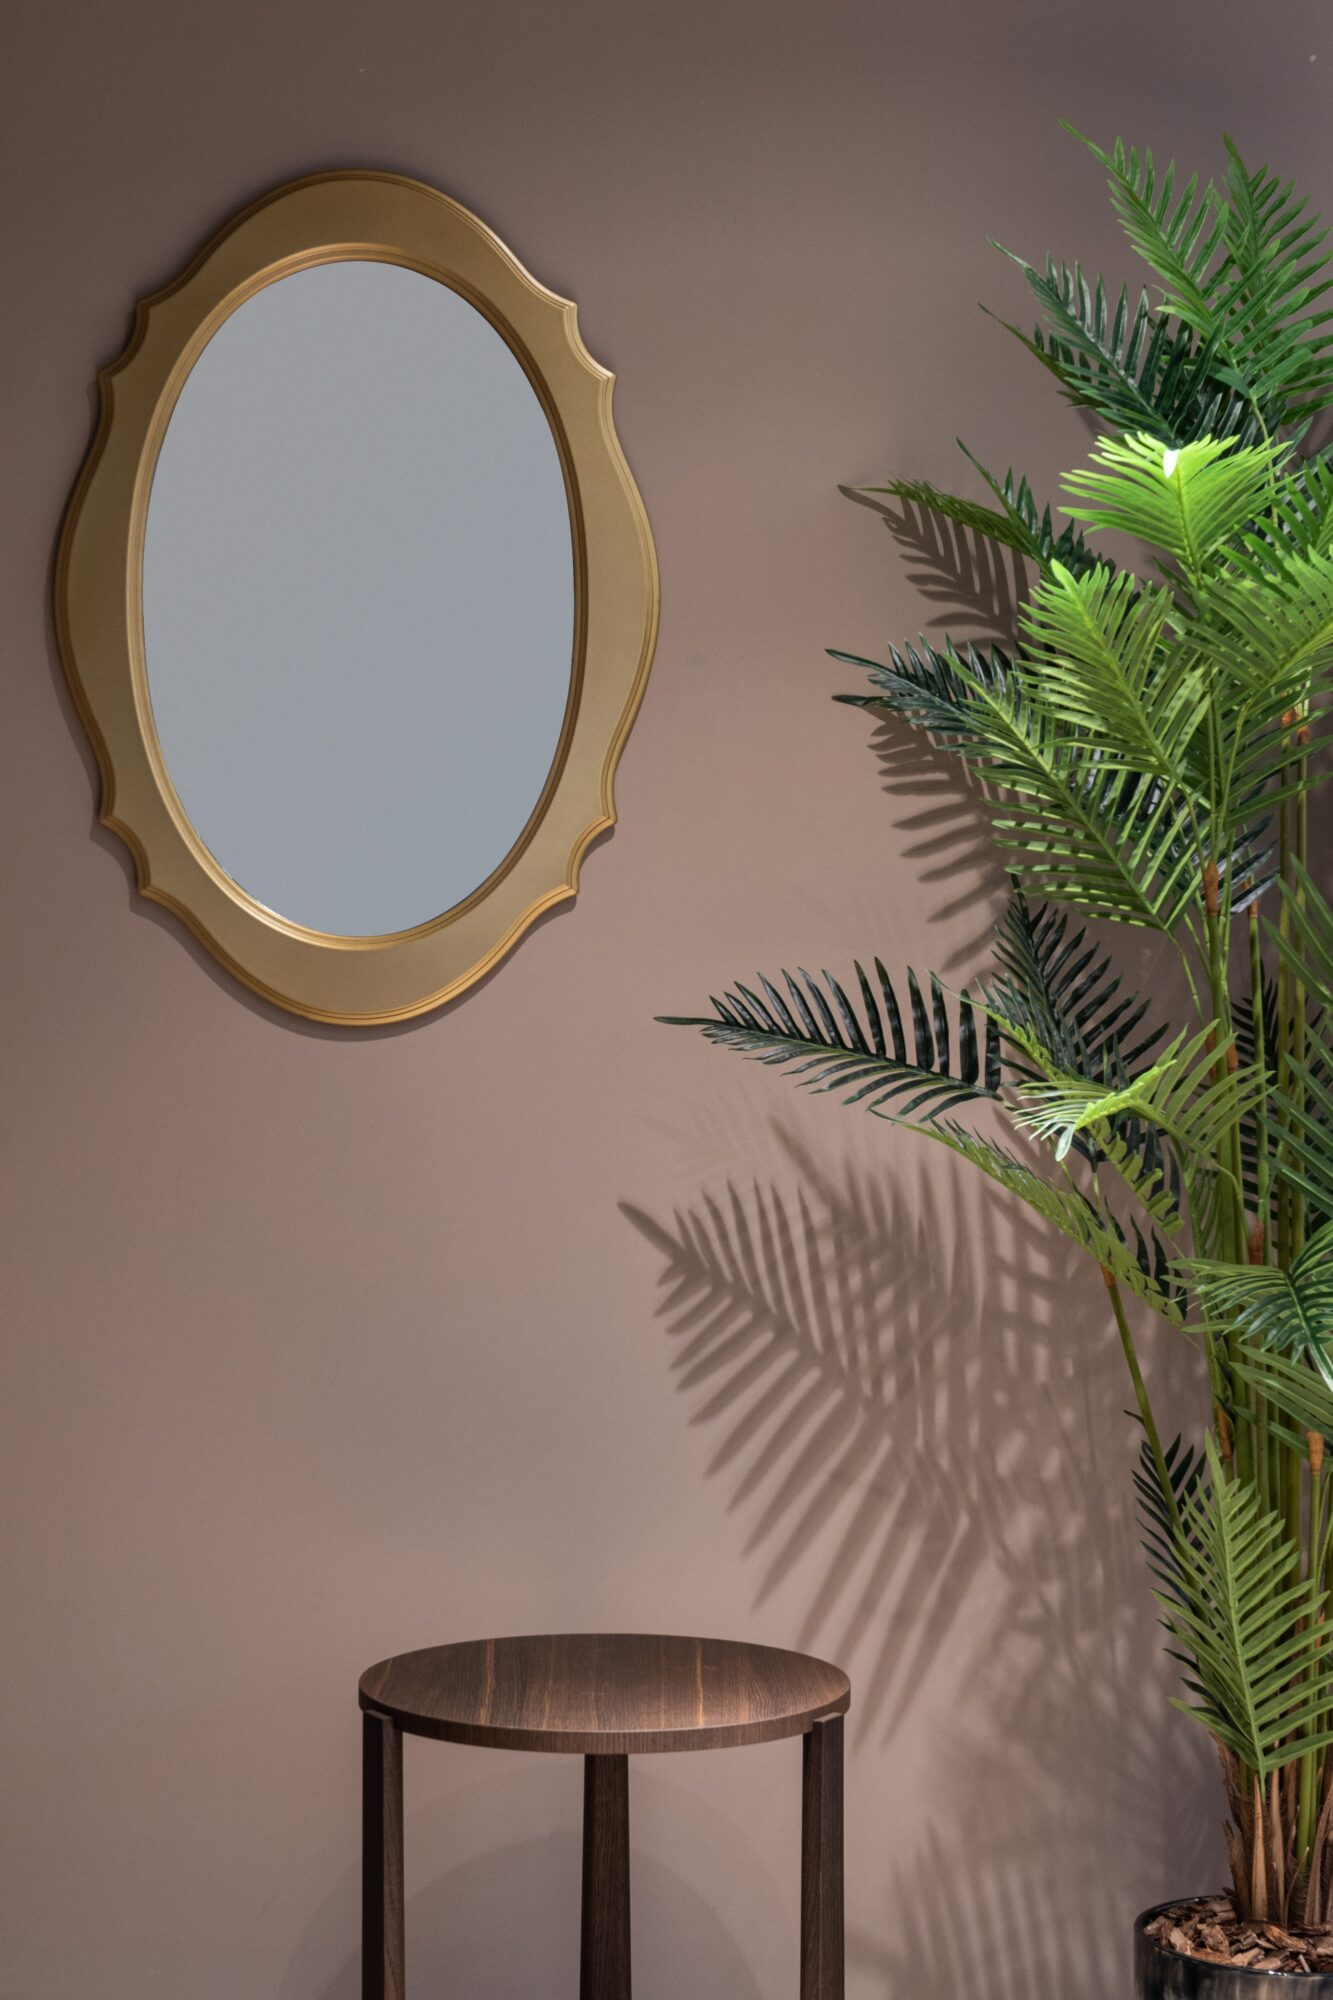 Find det rigtige spejl til dit hjem